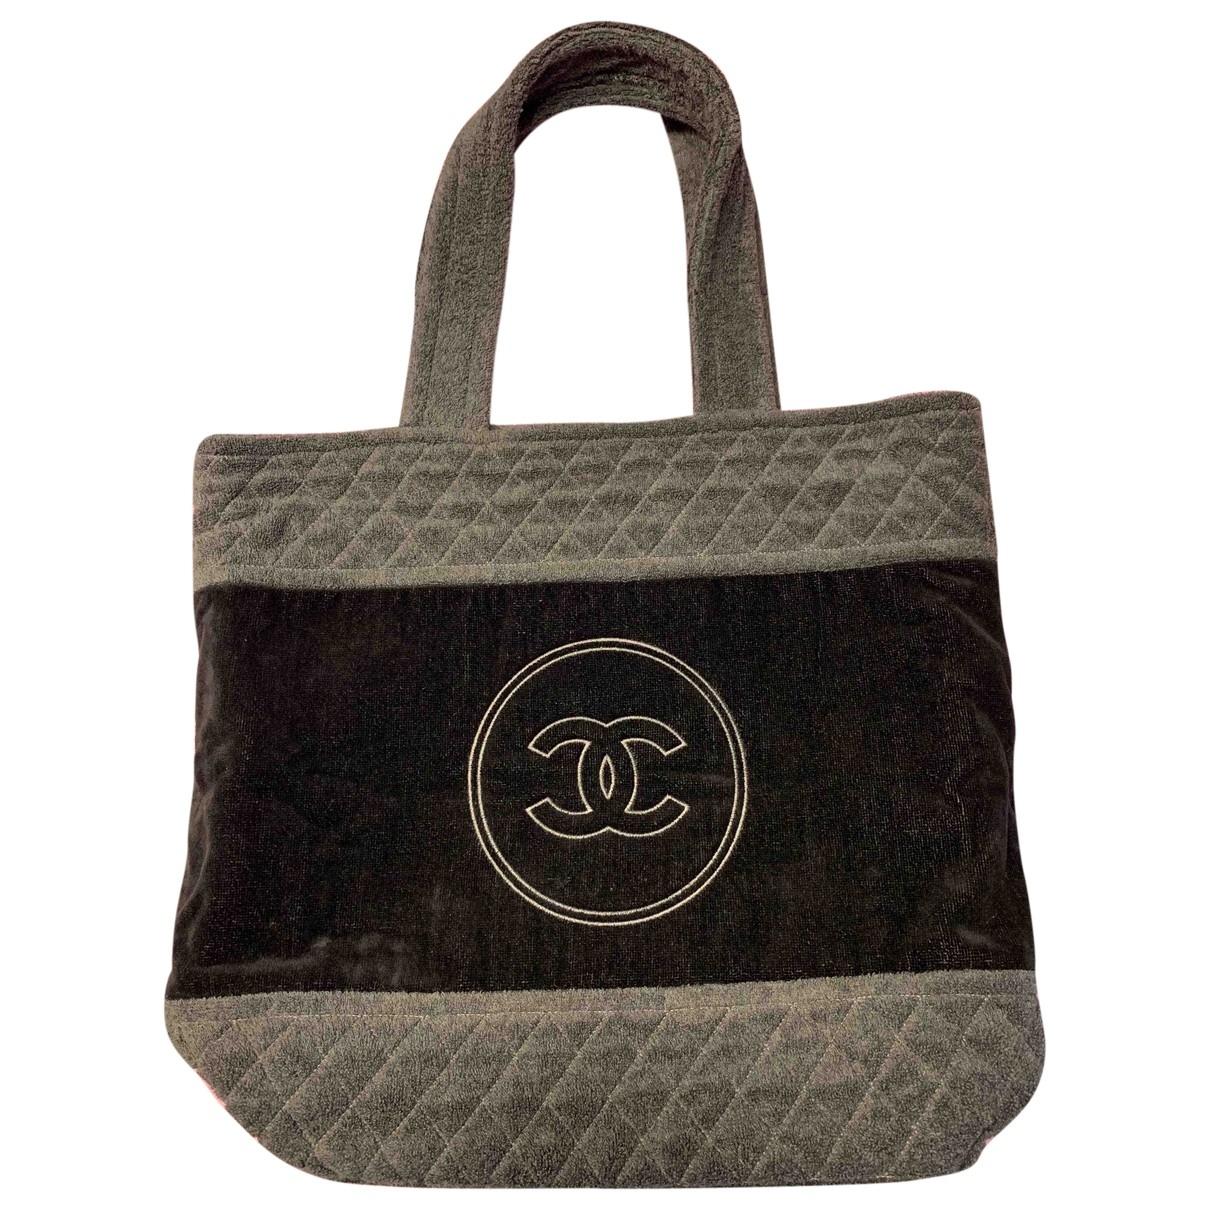 Chanel \N Handtasche in  Schwarz Baumwolle